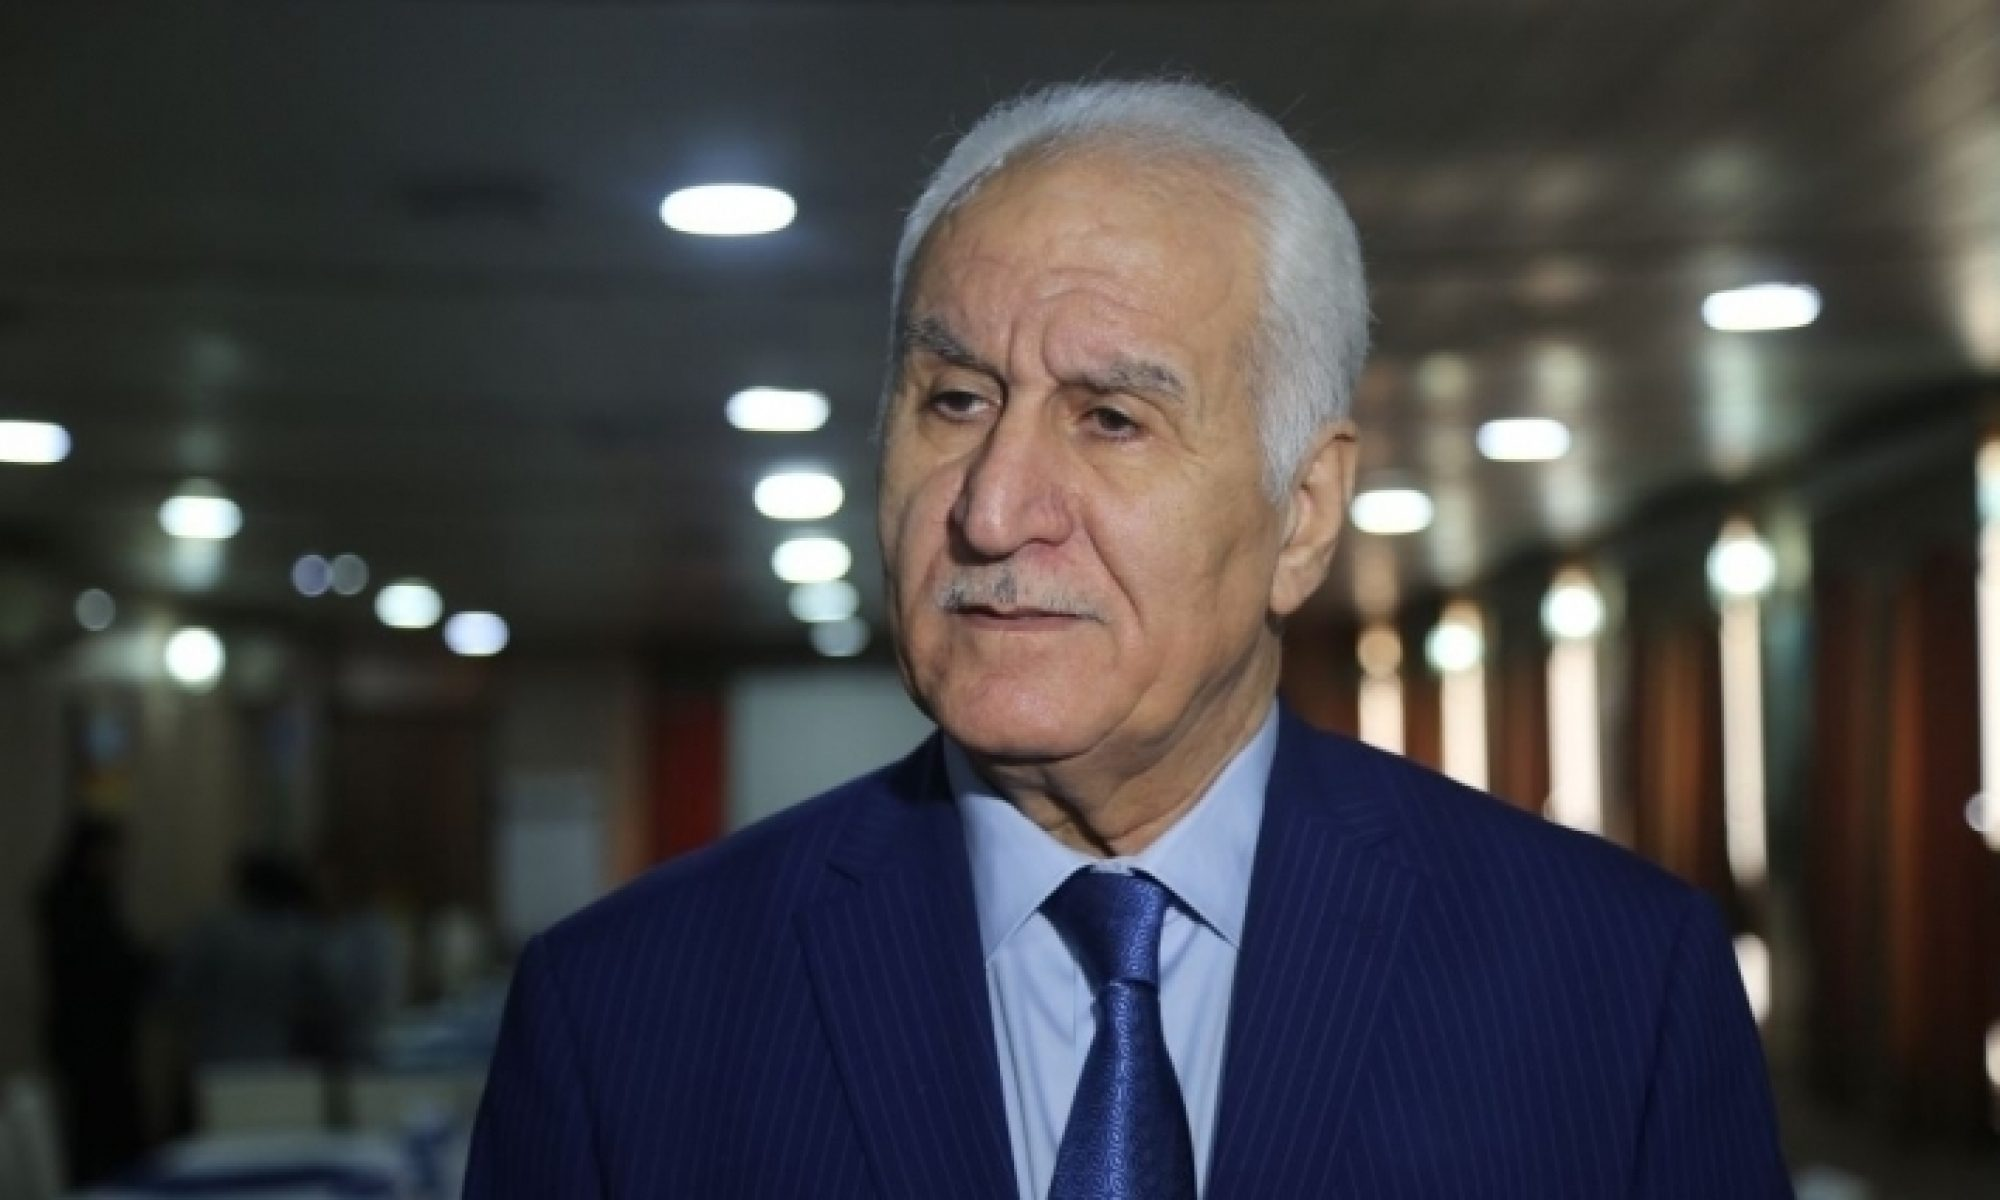 """Arif Ruşdi """"Sapkın ve teslim olanların tahribatlarına ilişkin kısa bir makale"""" yazısında Bağdat ve Kürdistan arasında sorunları kışkırtanları tanımladı"""